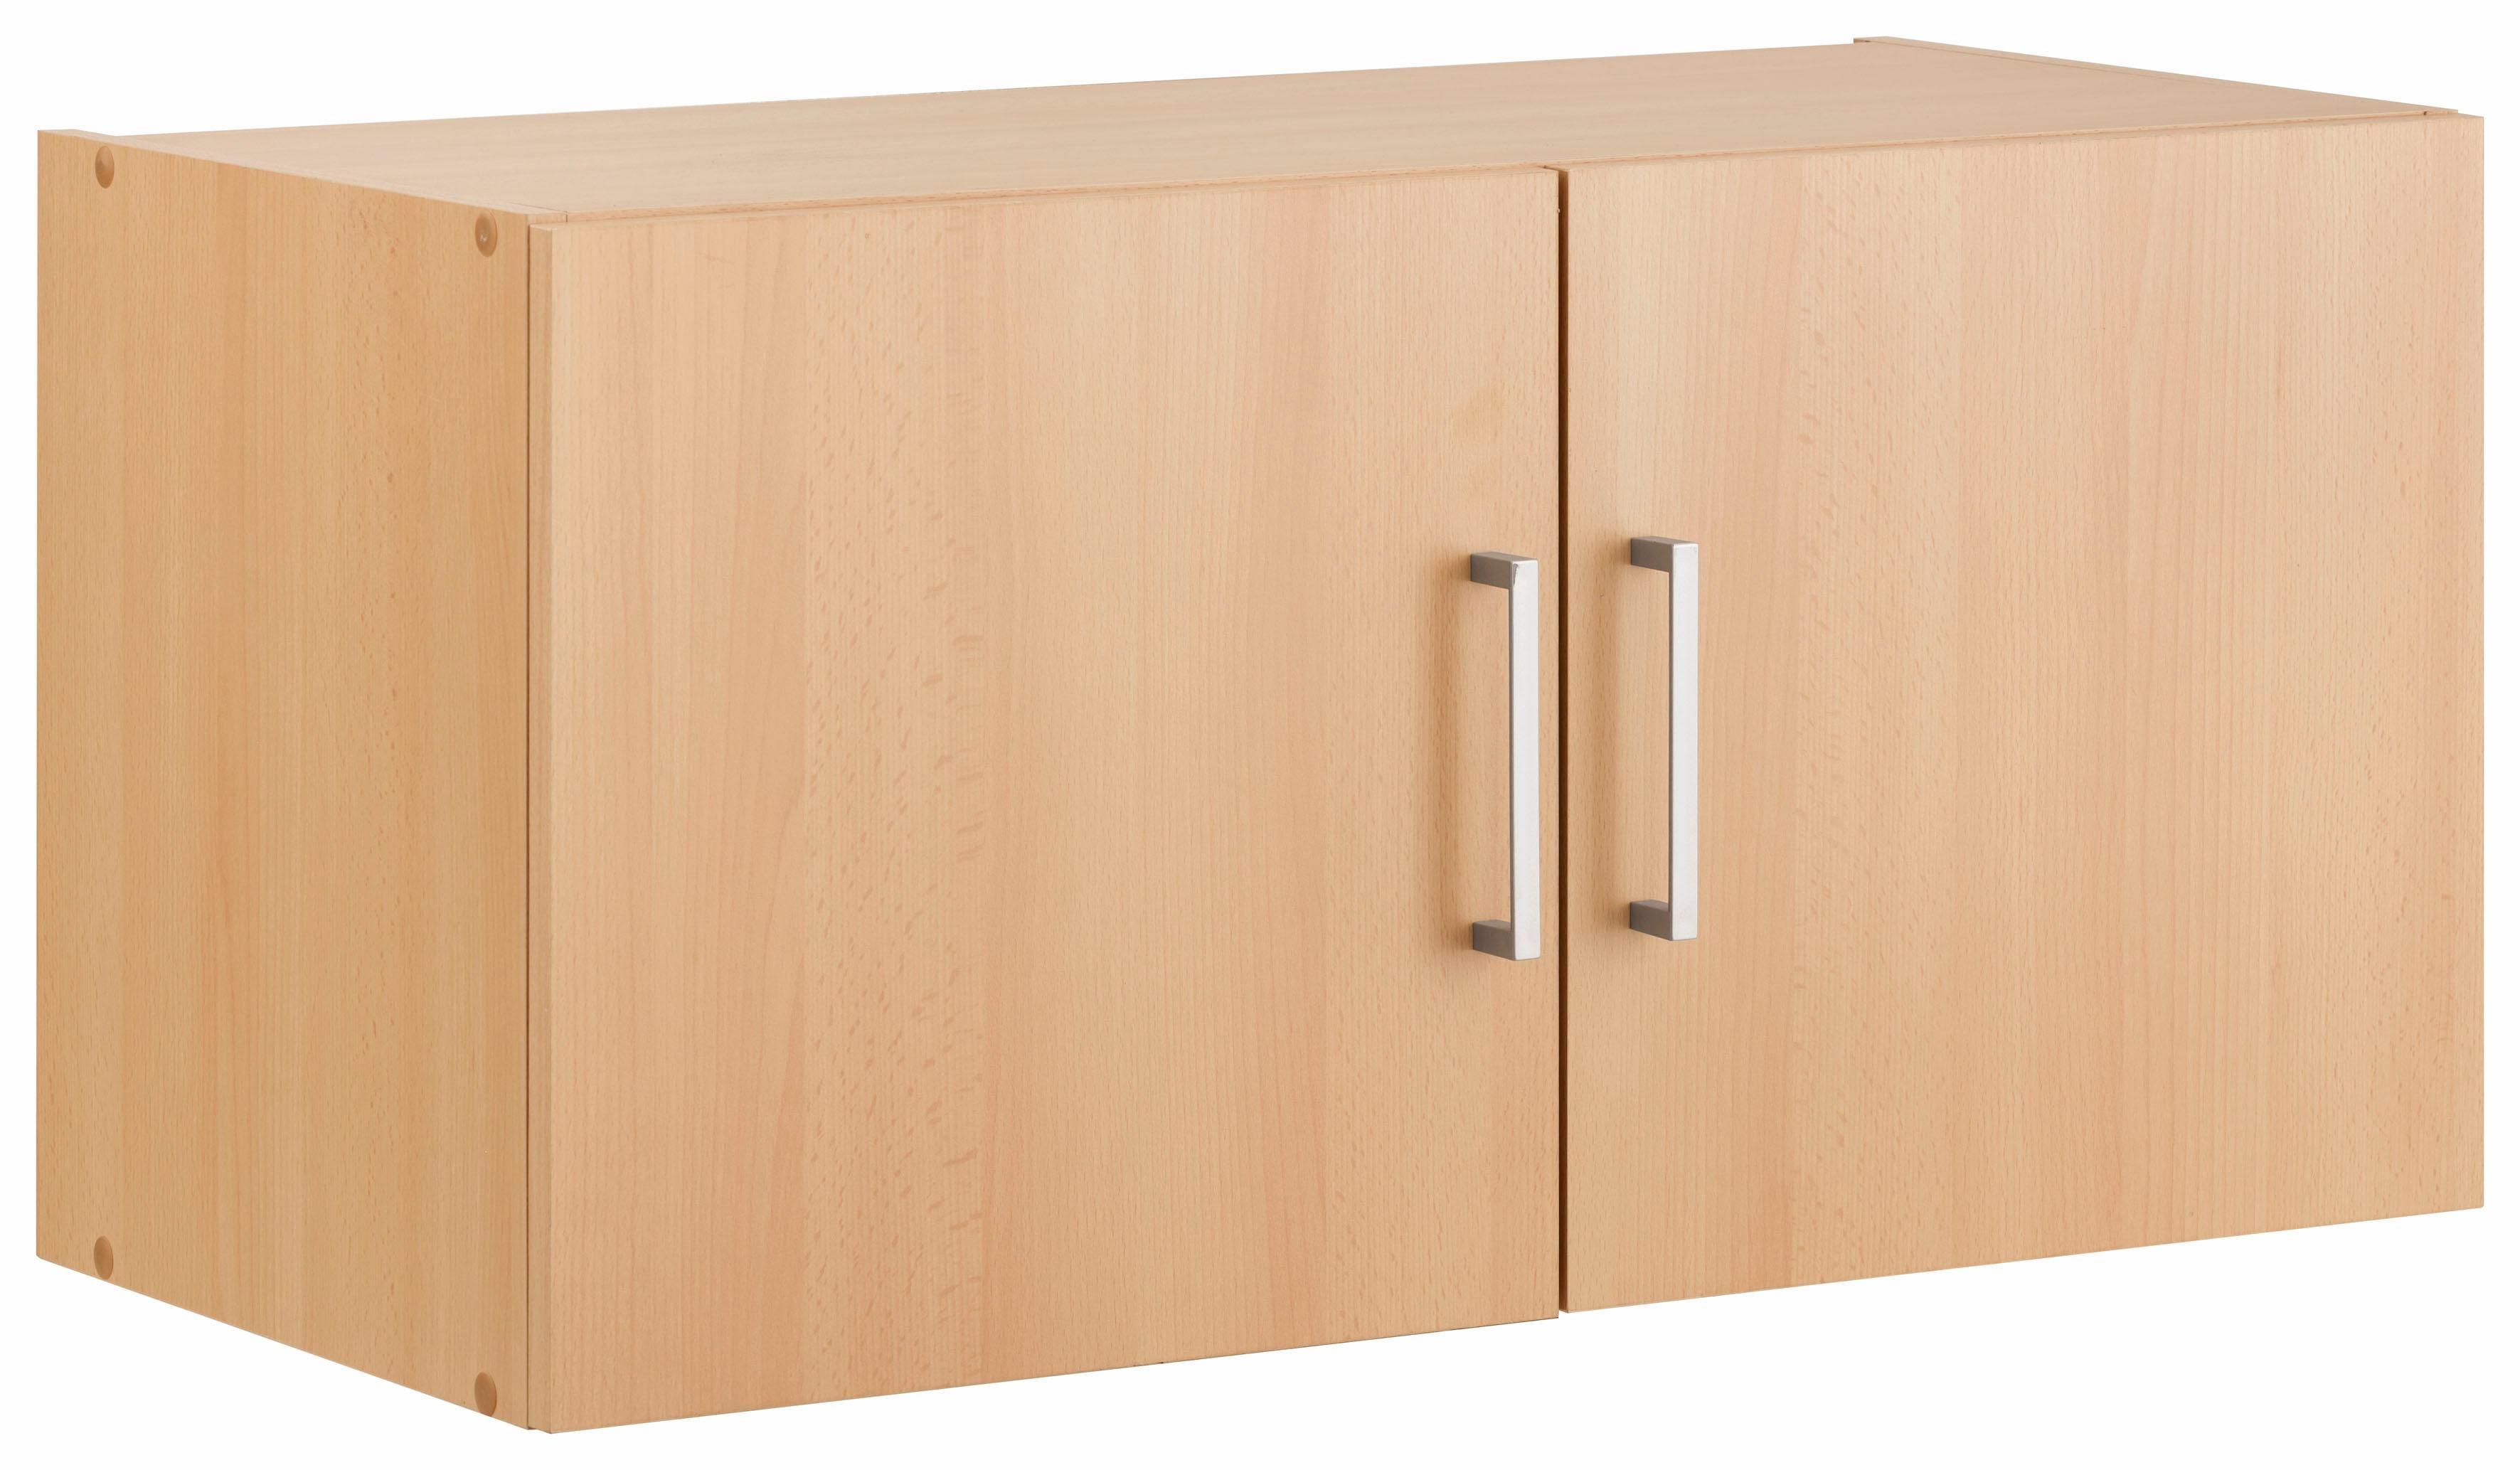 Aufsatzschrank Ems Wohnen/Möbel/Zubehör für Möbel/Zubehör für Kleiderschränke